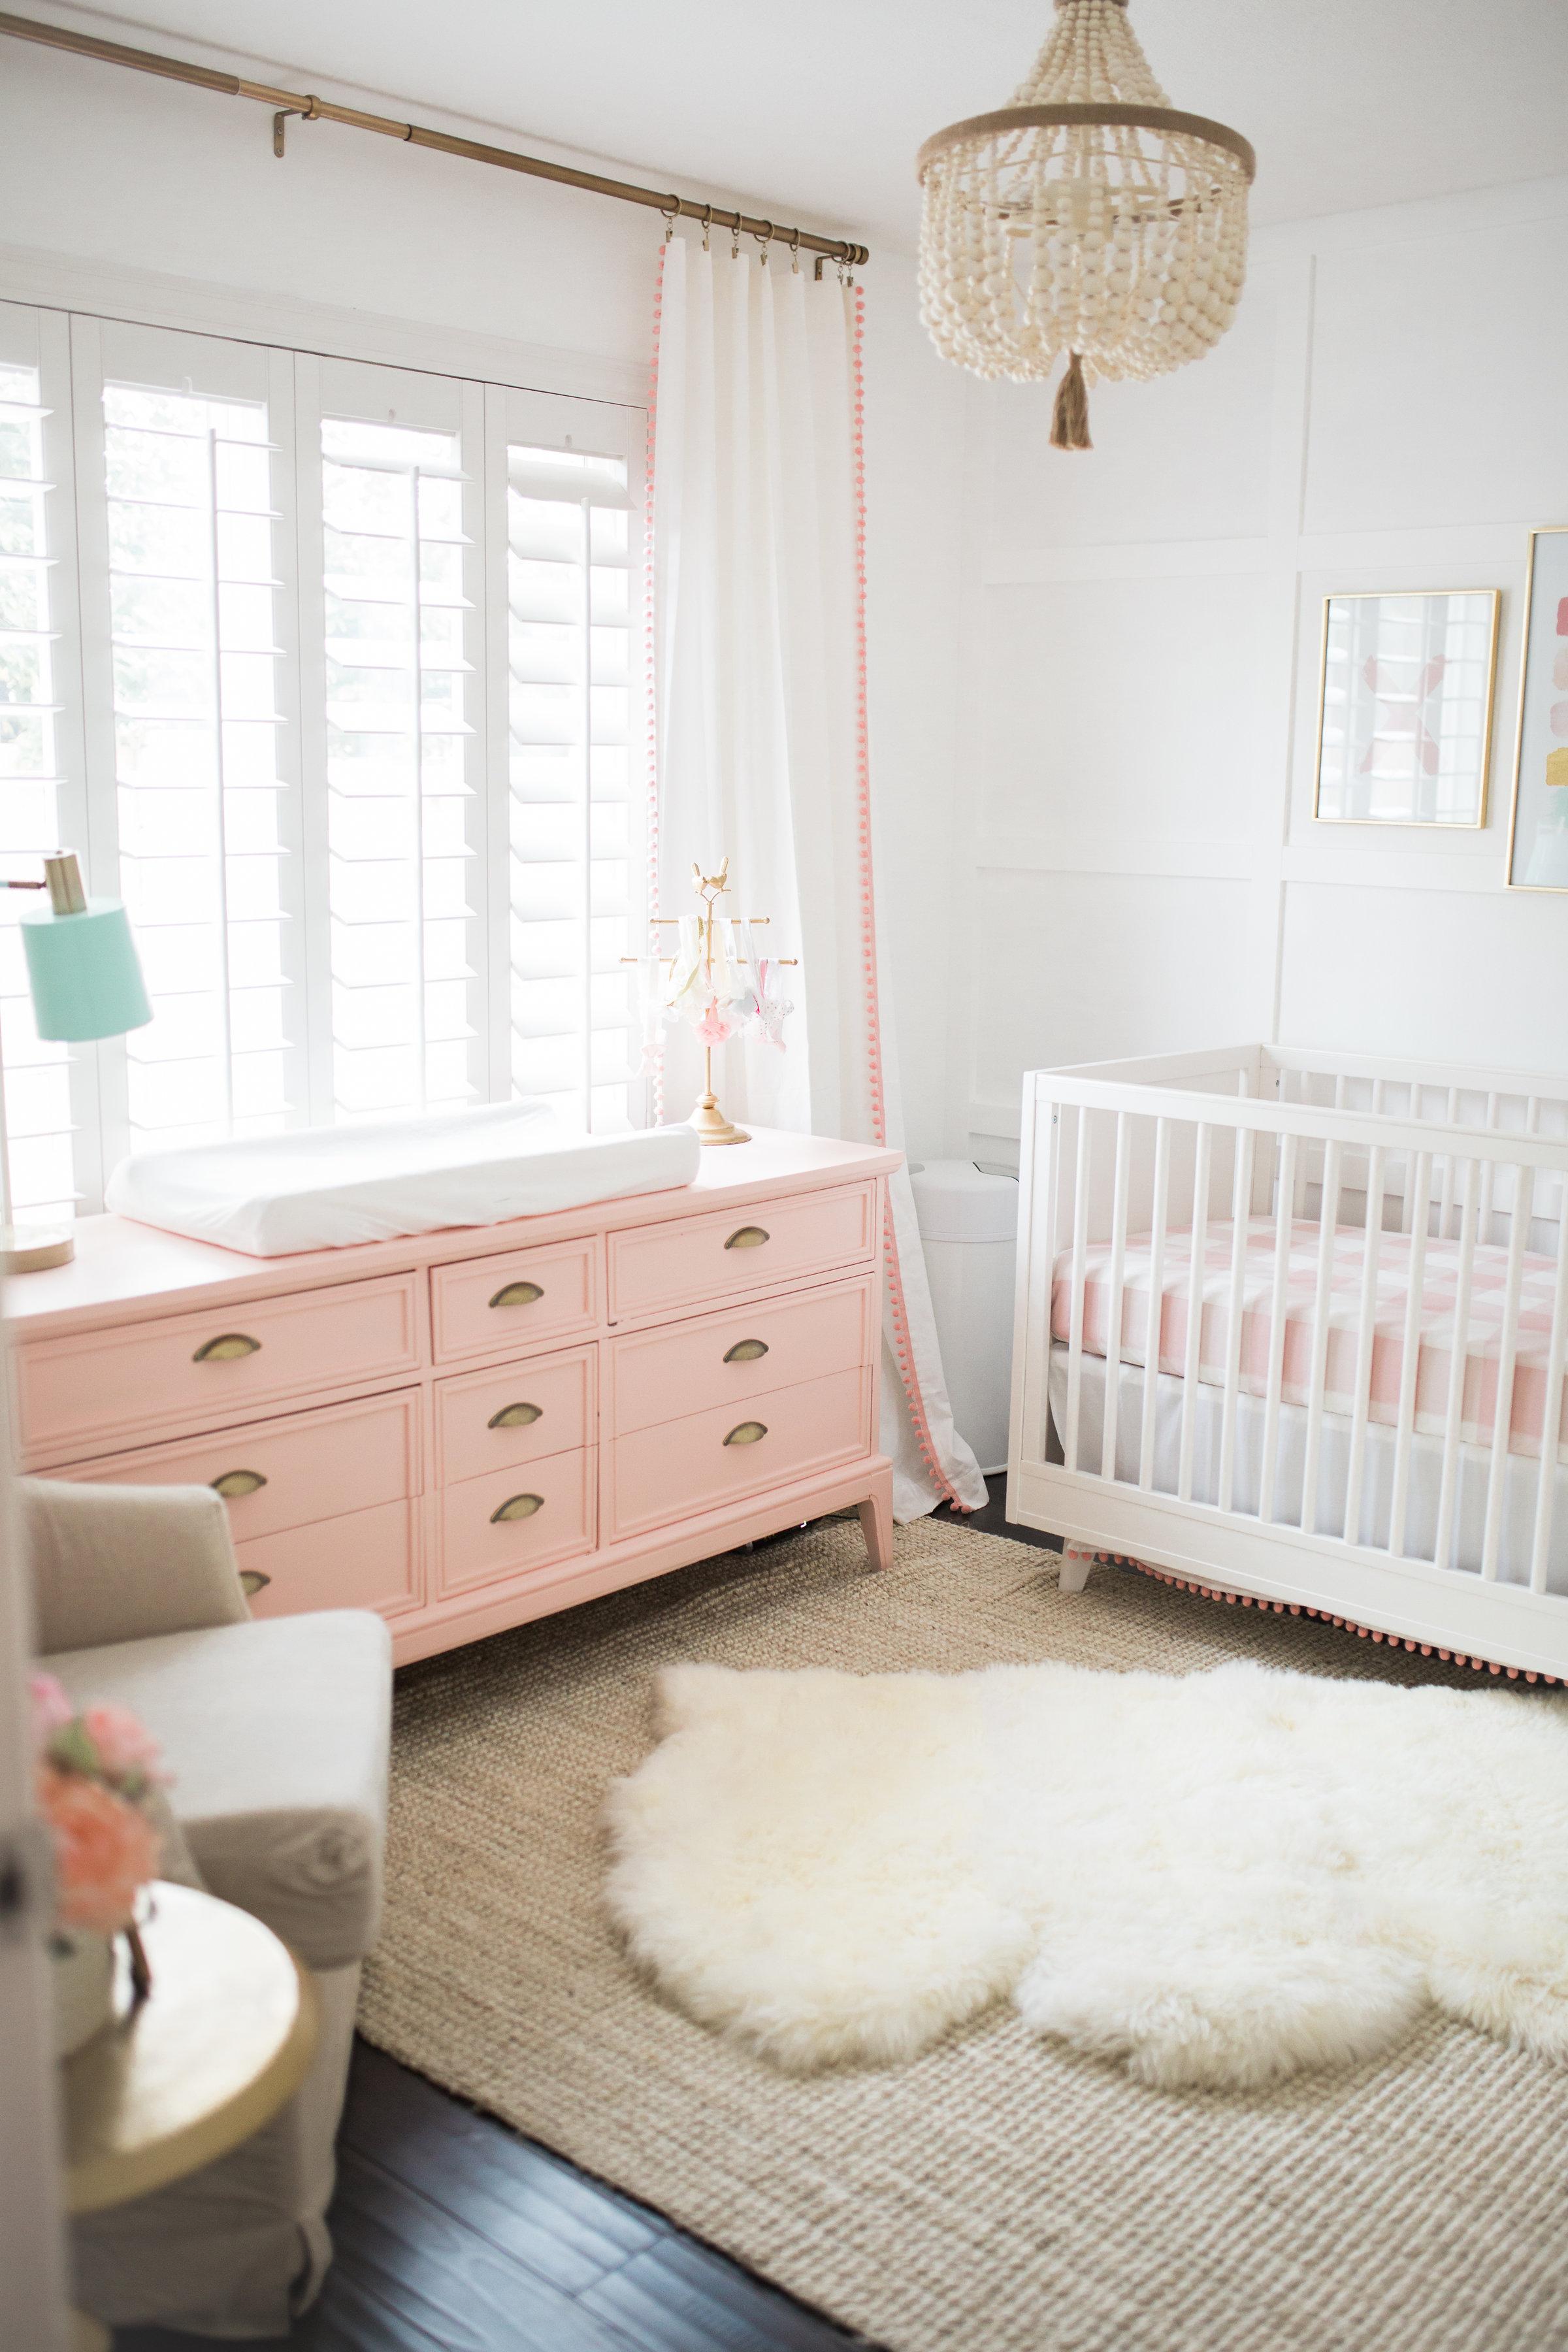 Wall Toddler Decor Ideas